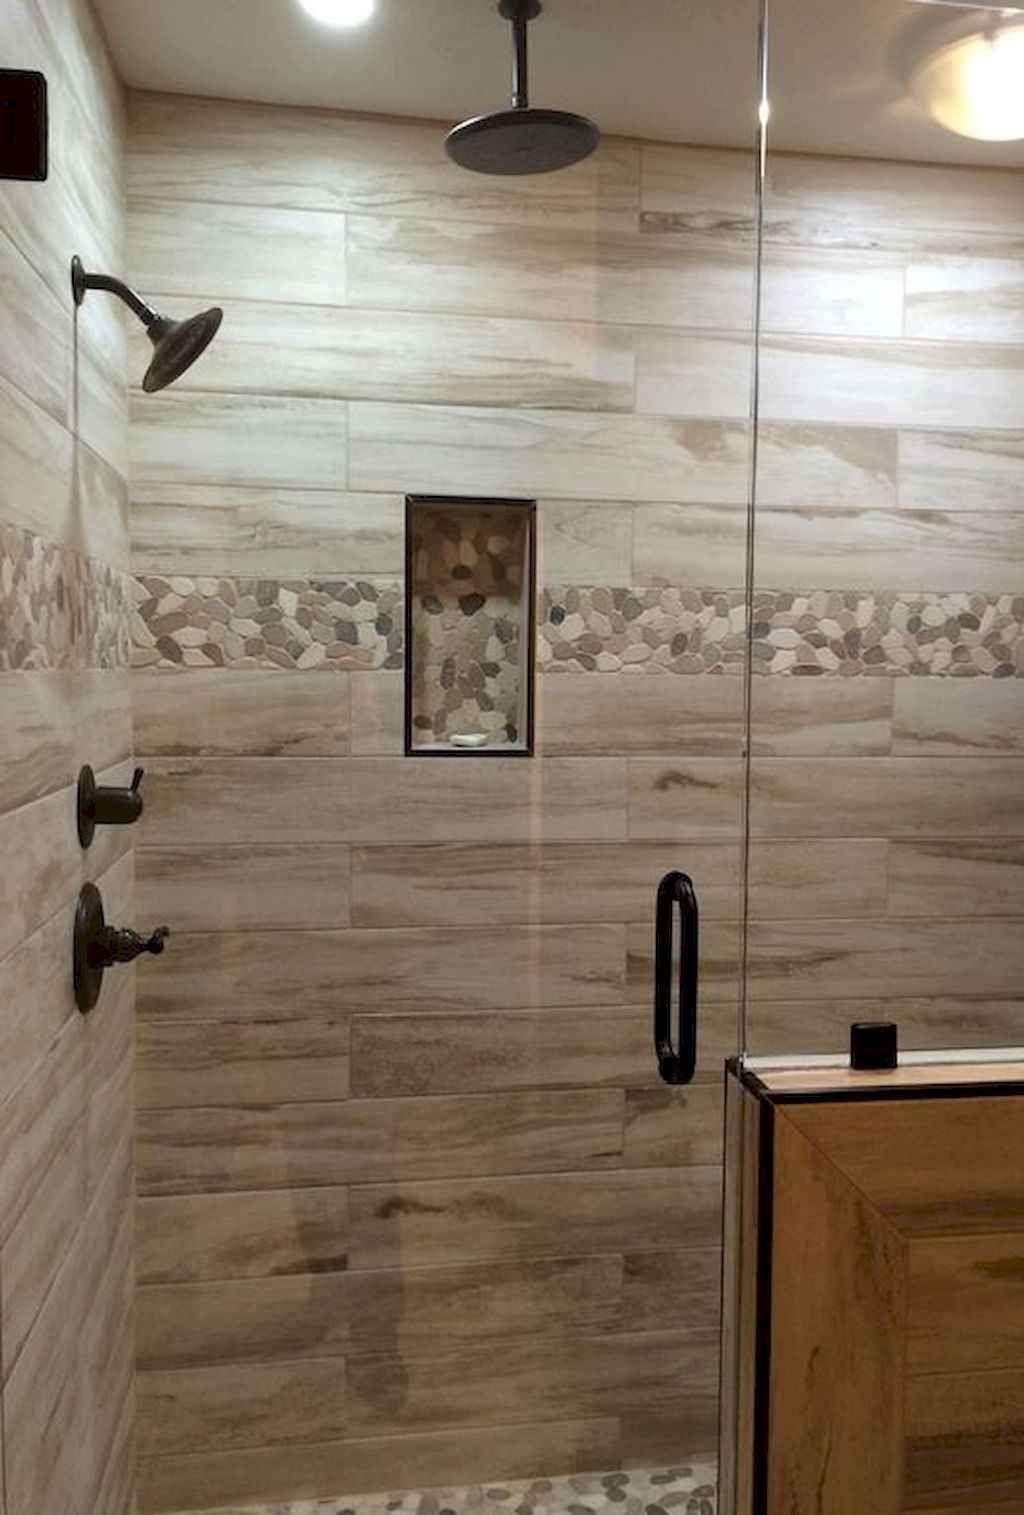 77 Favorite Tile Shower Designs Ideas For Bathroom Remodel Worldecor Co Rustic Master Bathroom Small Bathroom With Shower Patterned Bathroom Tiles